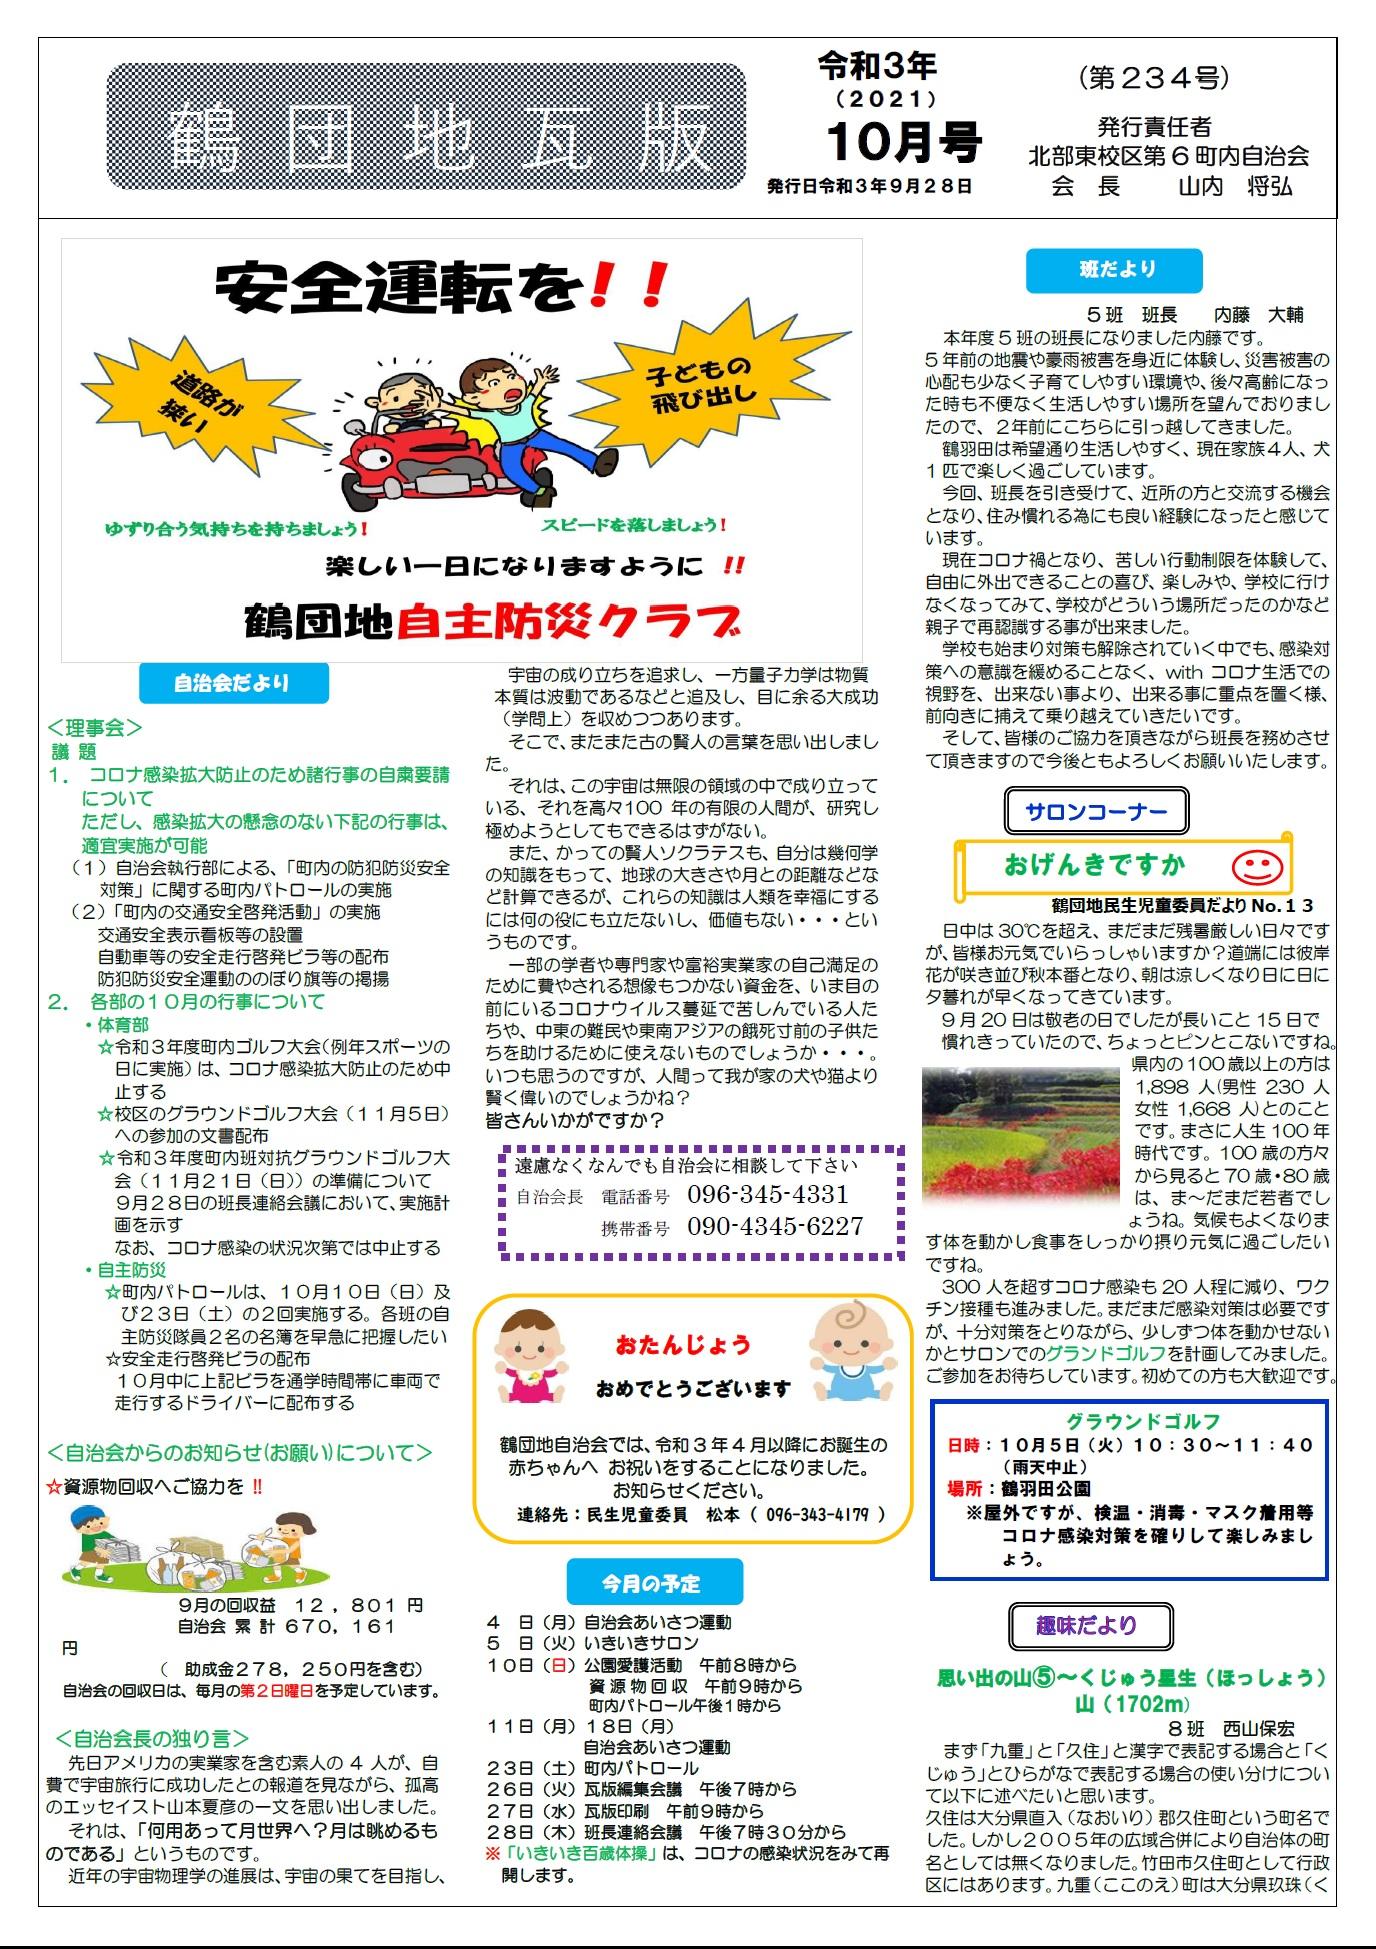 鶴団地瓦版(令和3年10月号)表